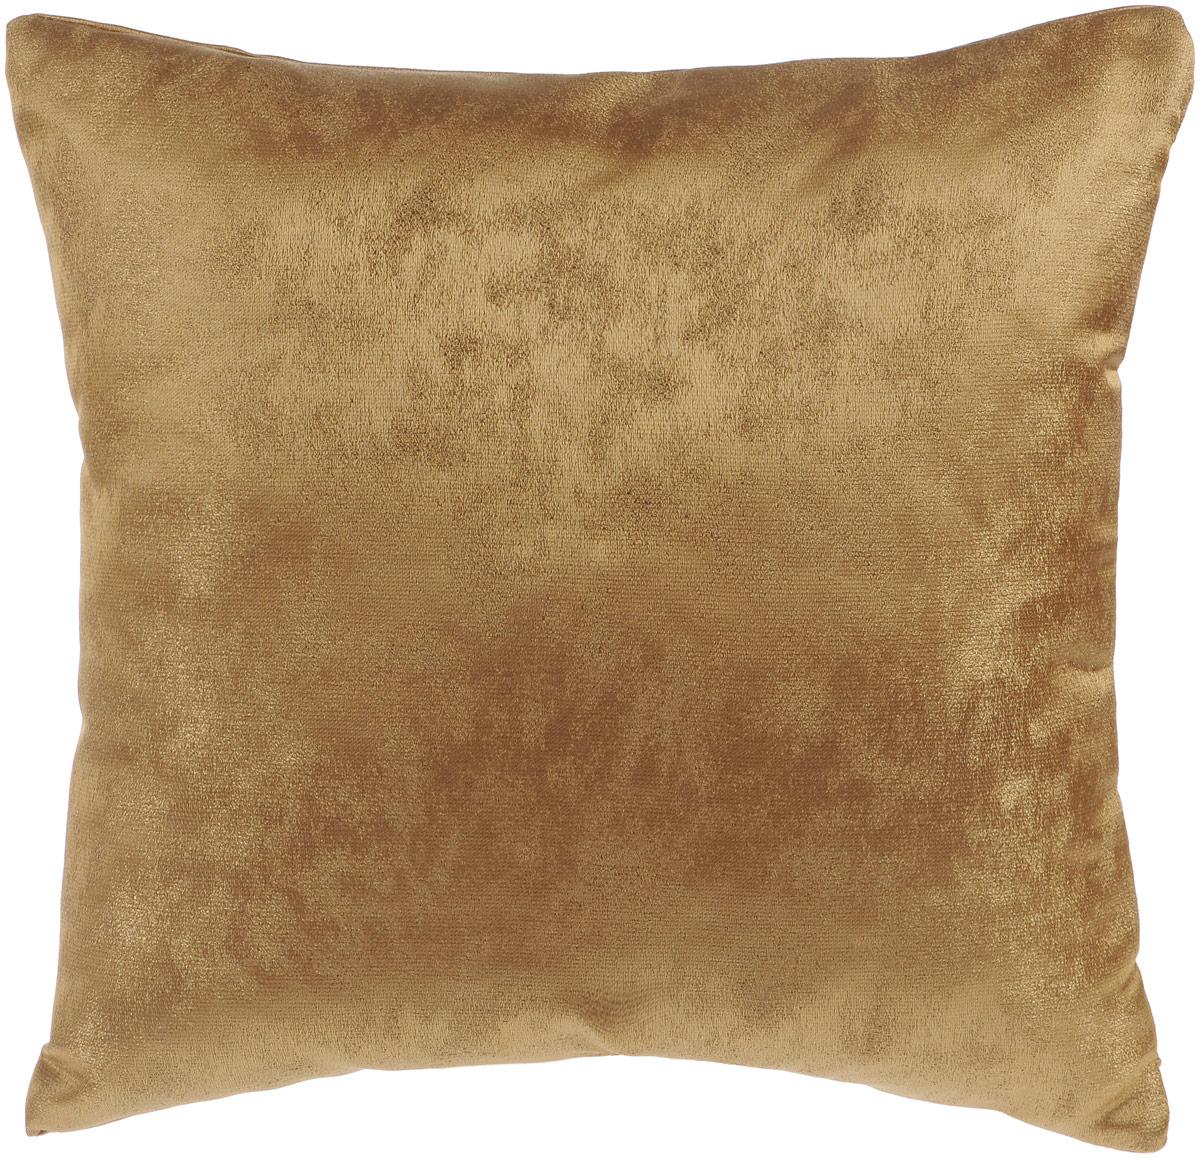 Подушка декоративная KauffOrt Магия, цвет: коричневый, 40 x 40 см3121909625Декоративная подушка Магия прекрасно дополнит интерьер спальни или гостиной. Приятный на ощупь чехол подушки выполнен из полиэстера. Внутри находится мягкий наполнитель. Чехол легко снимается благодаря потайной молнии в тон ткани. Красивая подушка создаст атмосферу уюта и комфорта в спальне и станет прекрасным элементом декора.